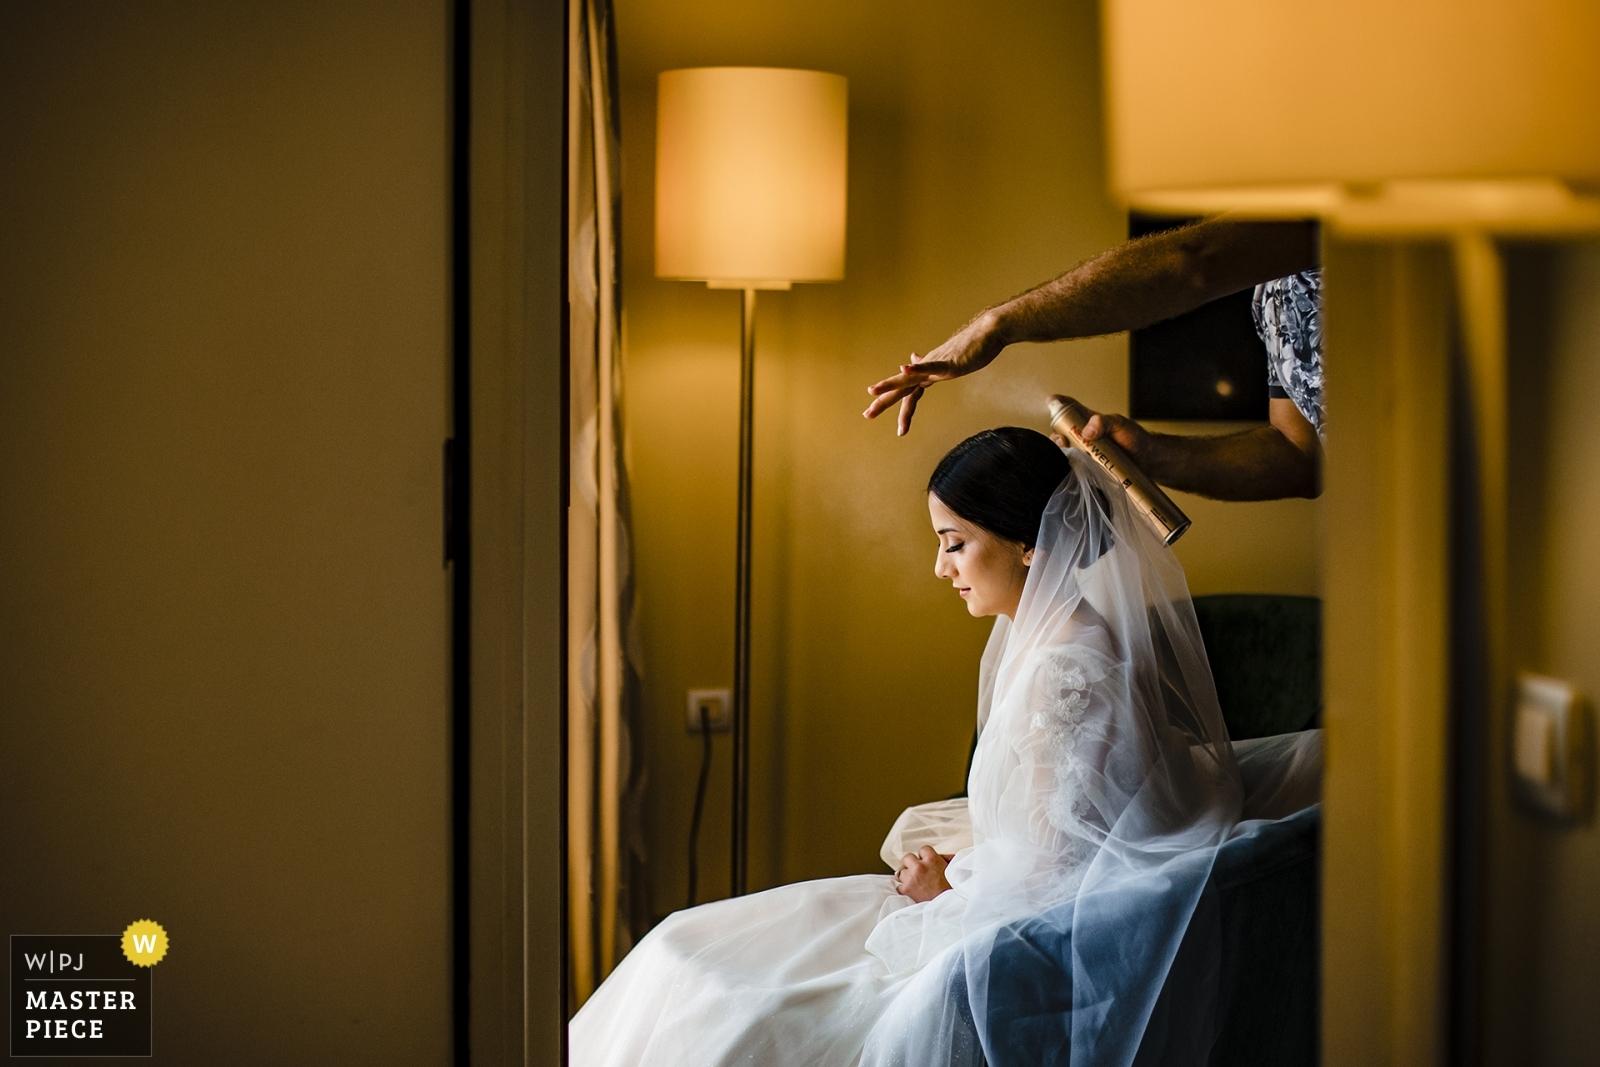 Bride getting ready - Istanbul, Turkey Wedding Photography -  | Mersin Hilton Hotel